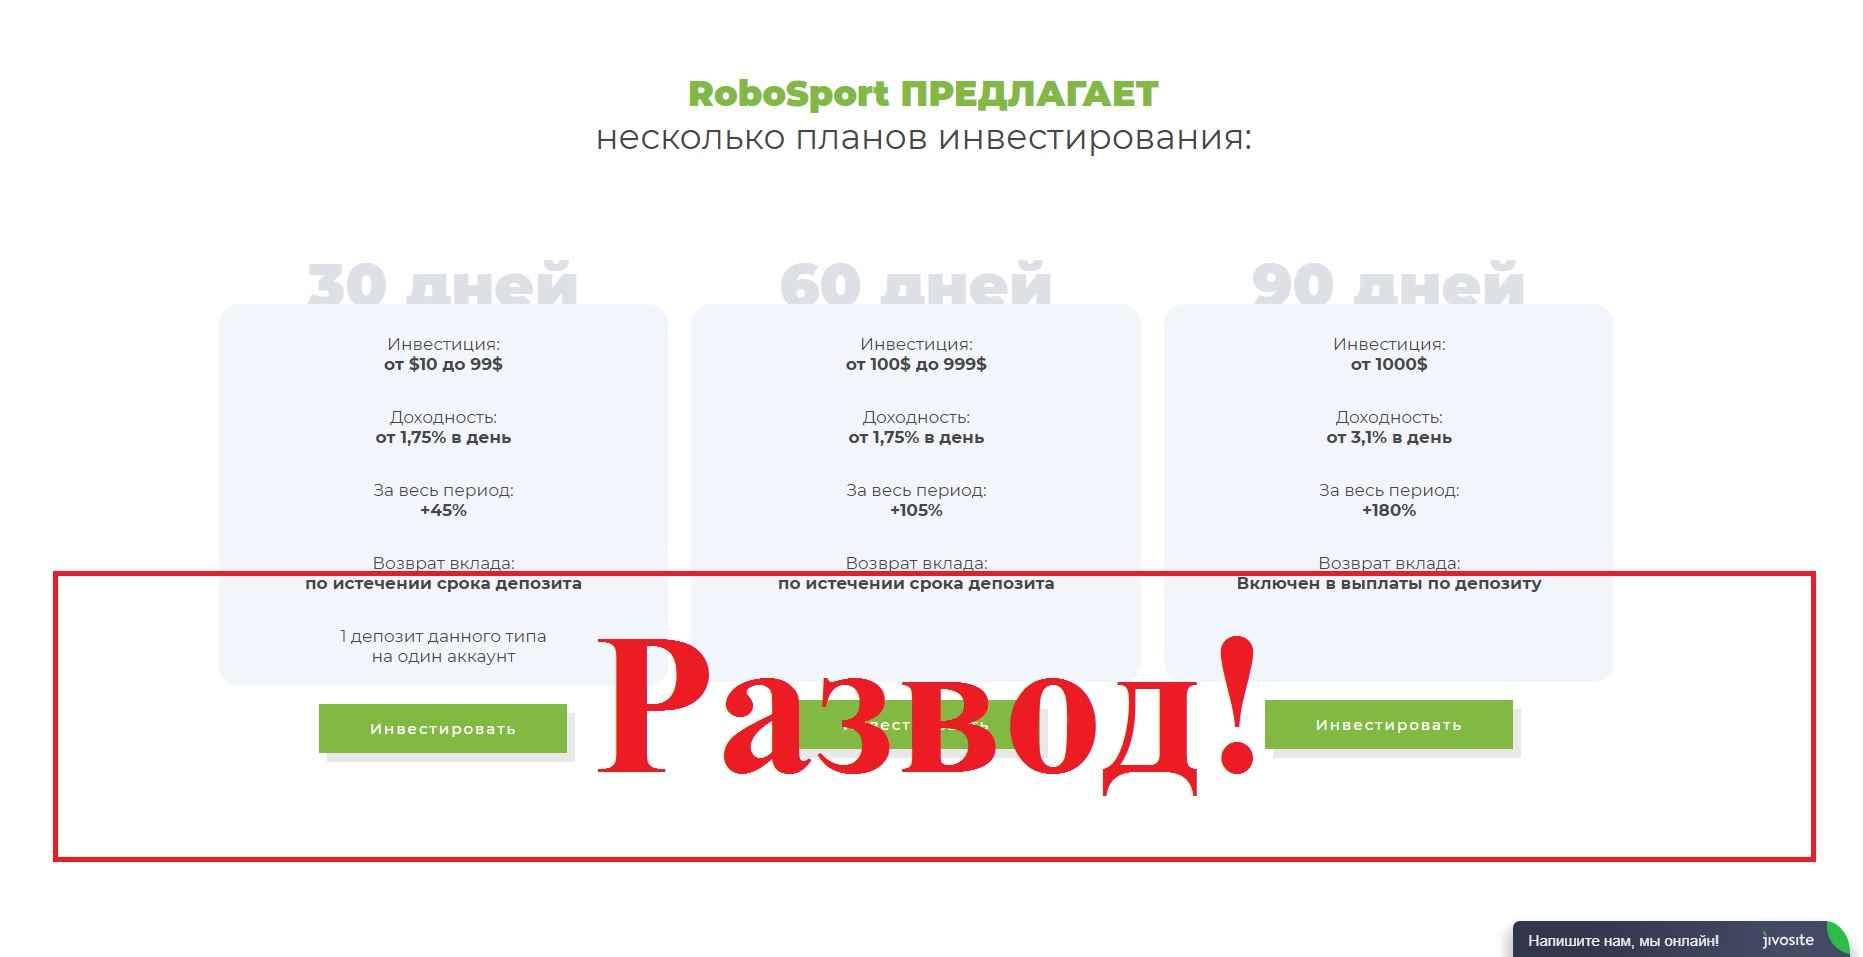 RoboSport – ставки на спорт от robosport.pro отзывы